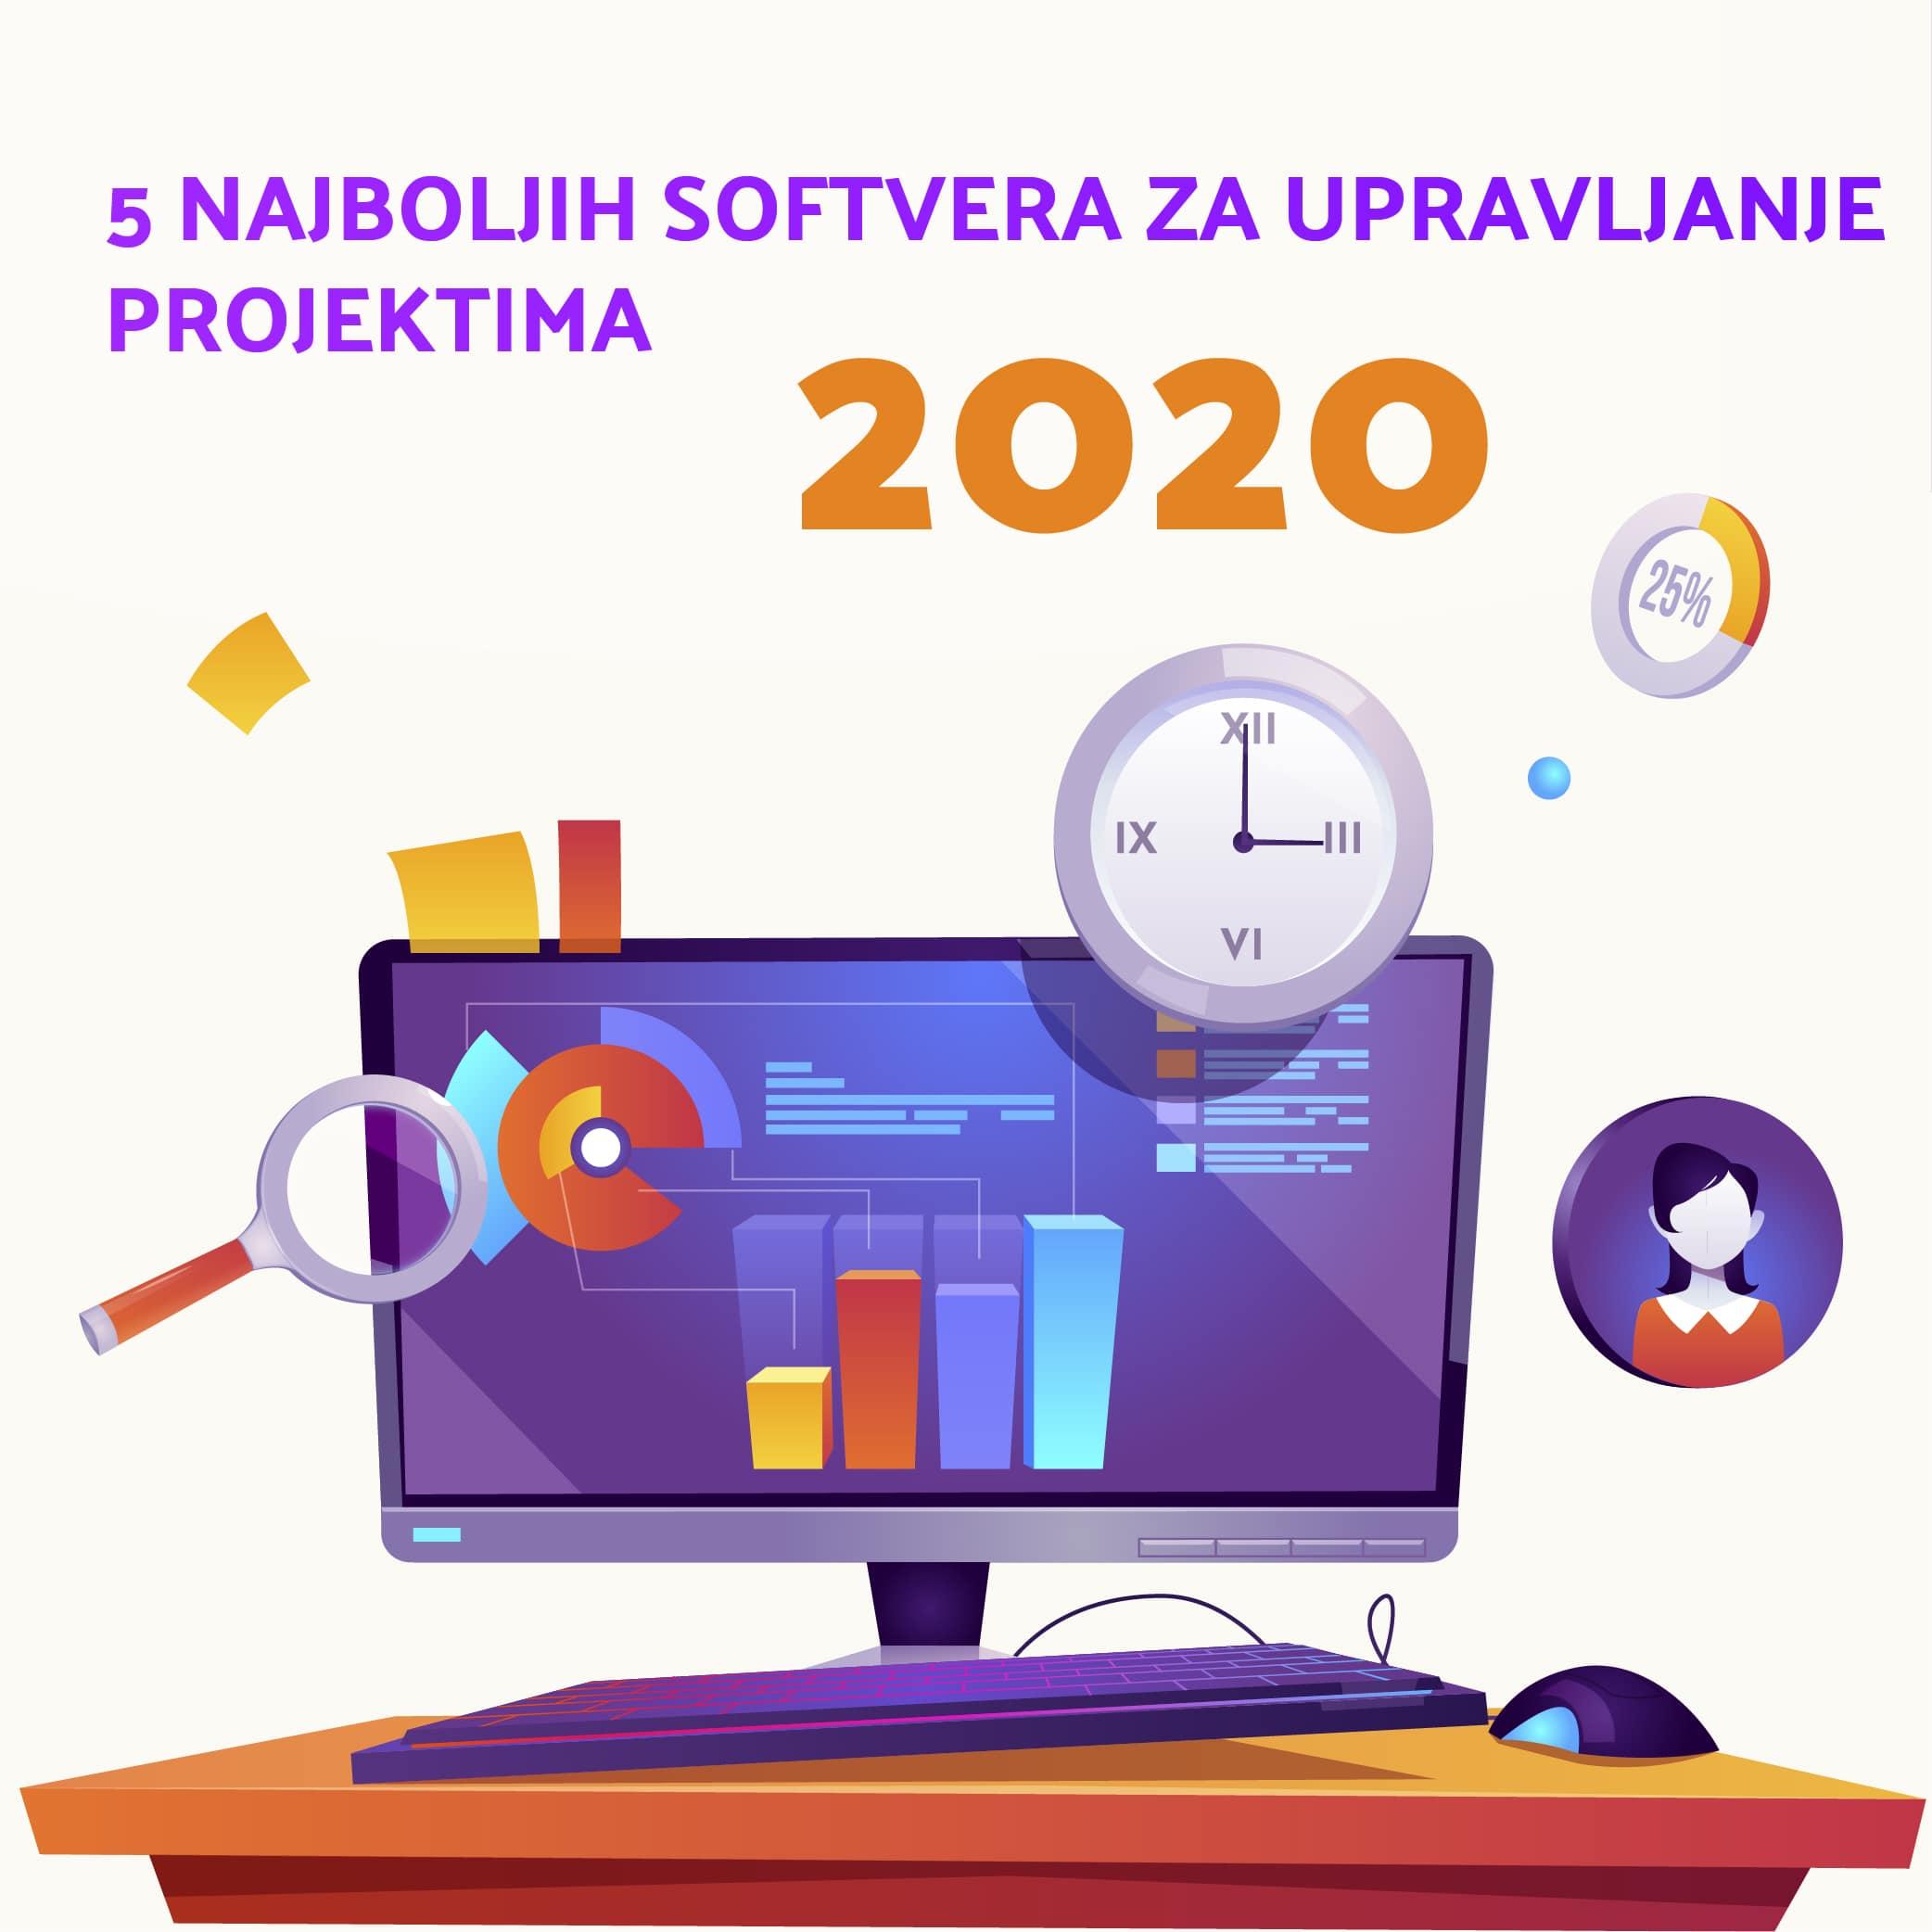 5 najboljih softvera za upravljanje projektima u 2020.